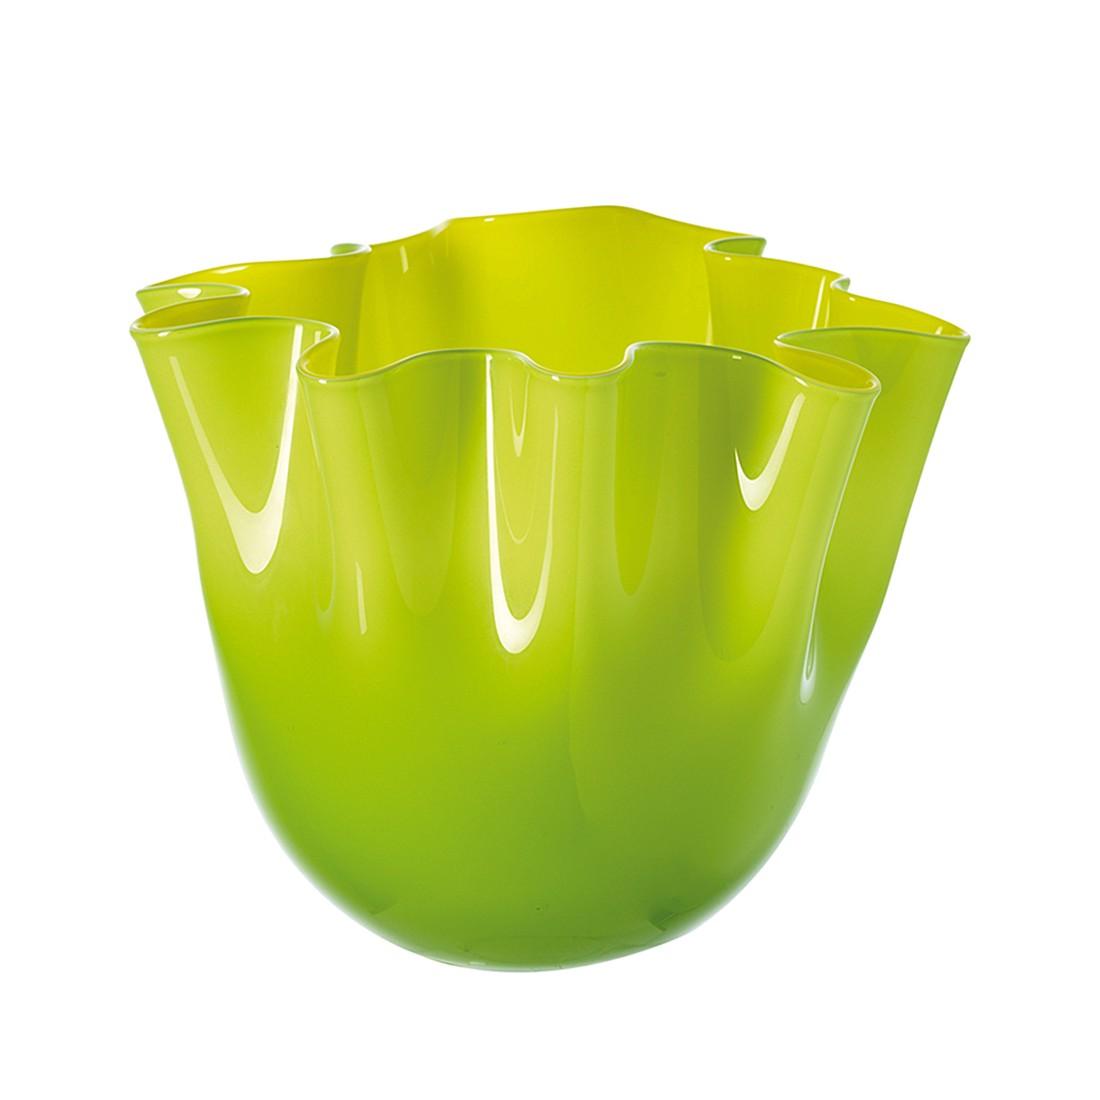 Vase Lia – 21 cm – Gelb, Grün, Leonardo günstig bestellen